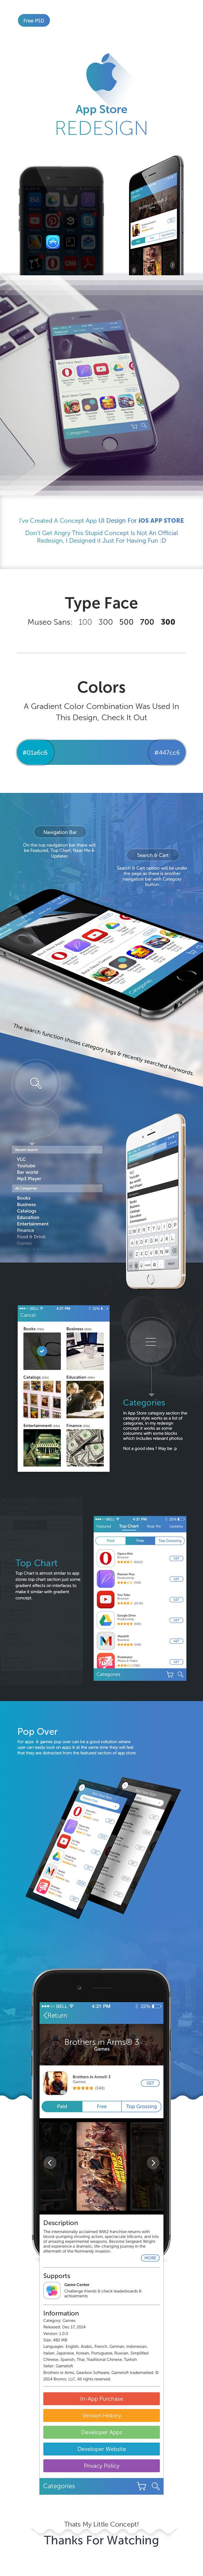 iOS-App-Store-Redesign-Freebie